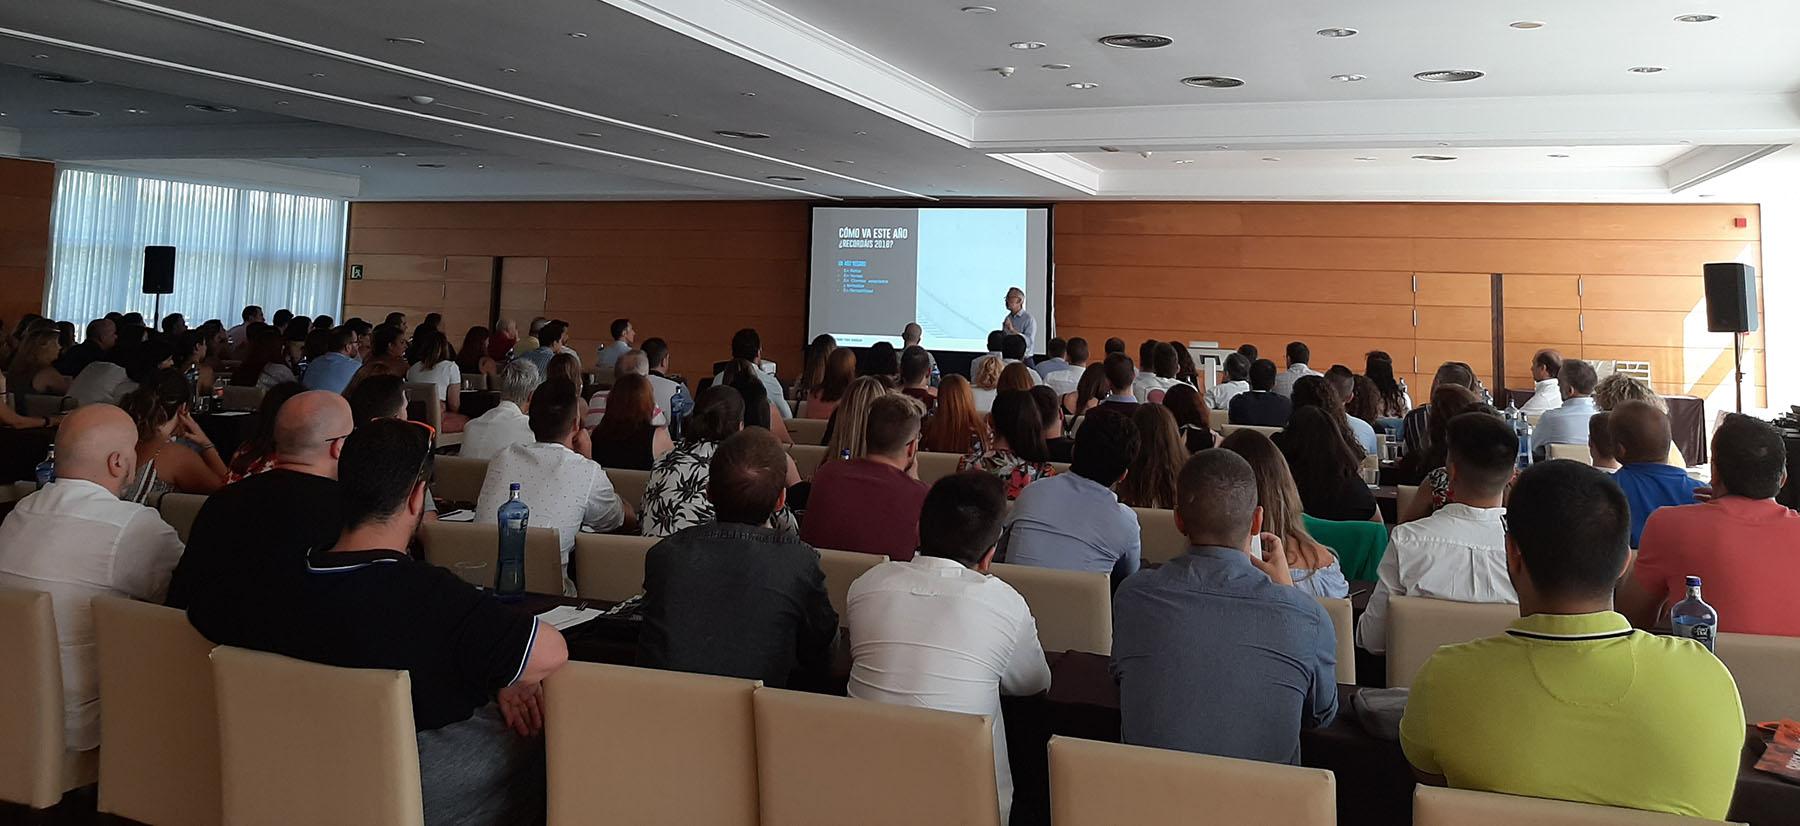 Imagen de los asistentes escuchando las ponencias durante el Check Point Julio 2019.